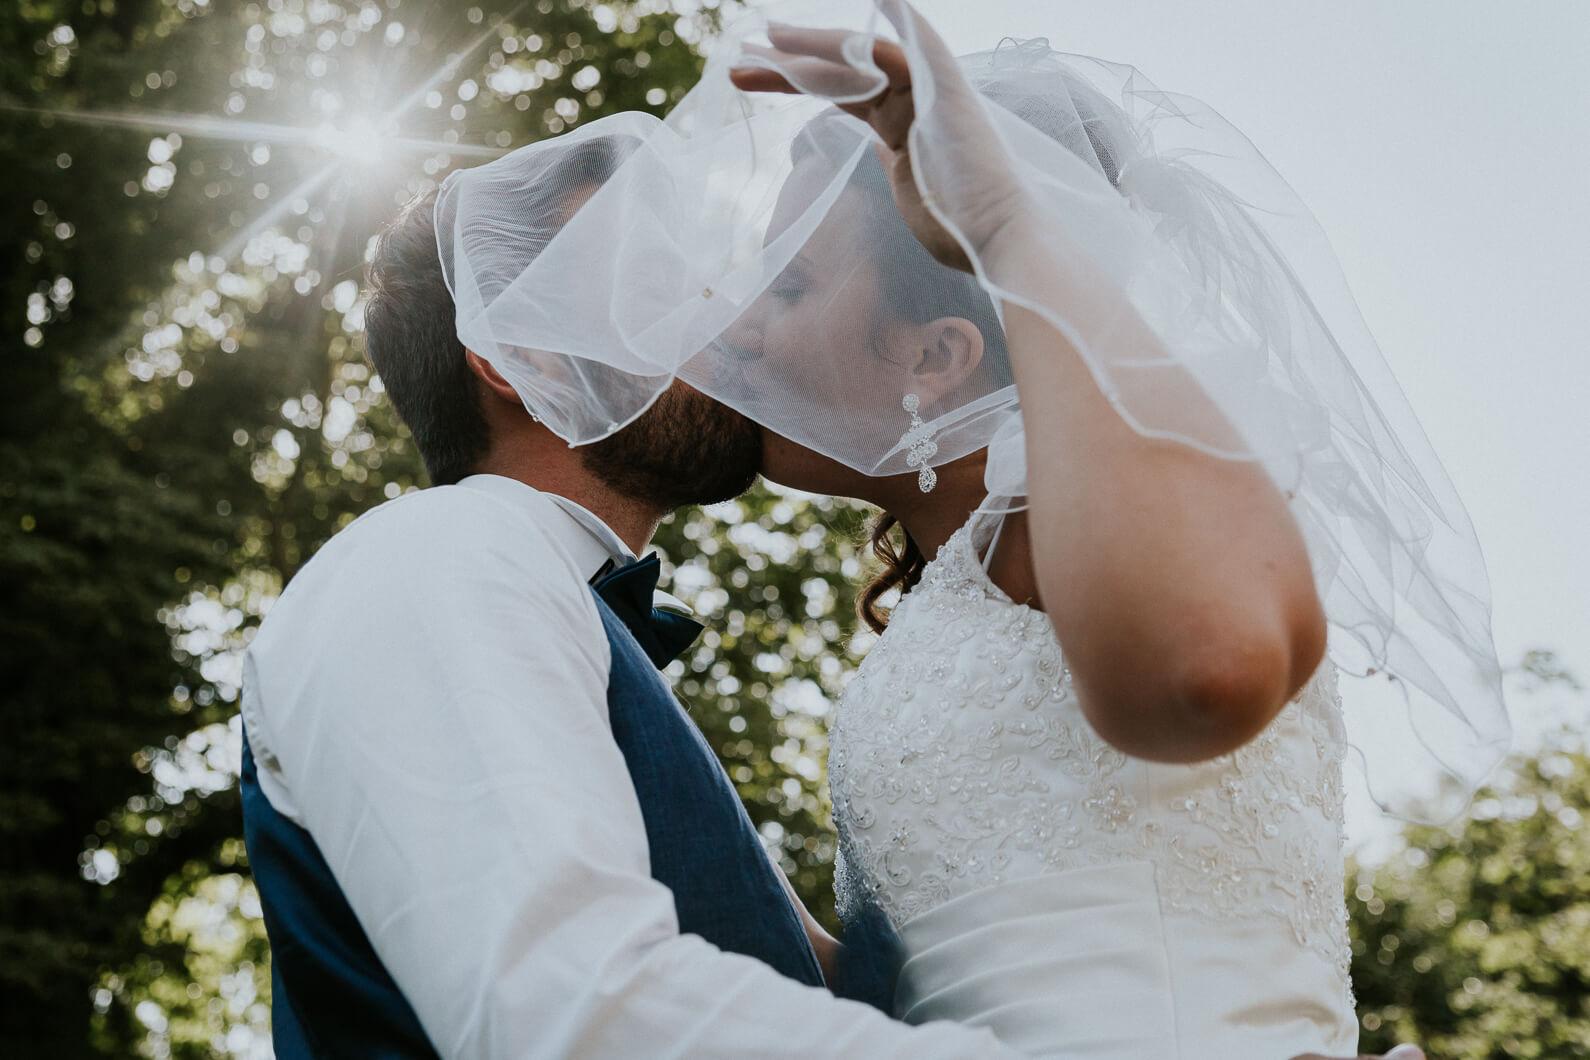 reportage mariage séance photo couple baiser bisou amour tendresse chateau nogent le roi